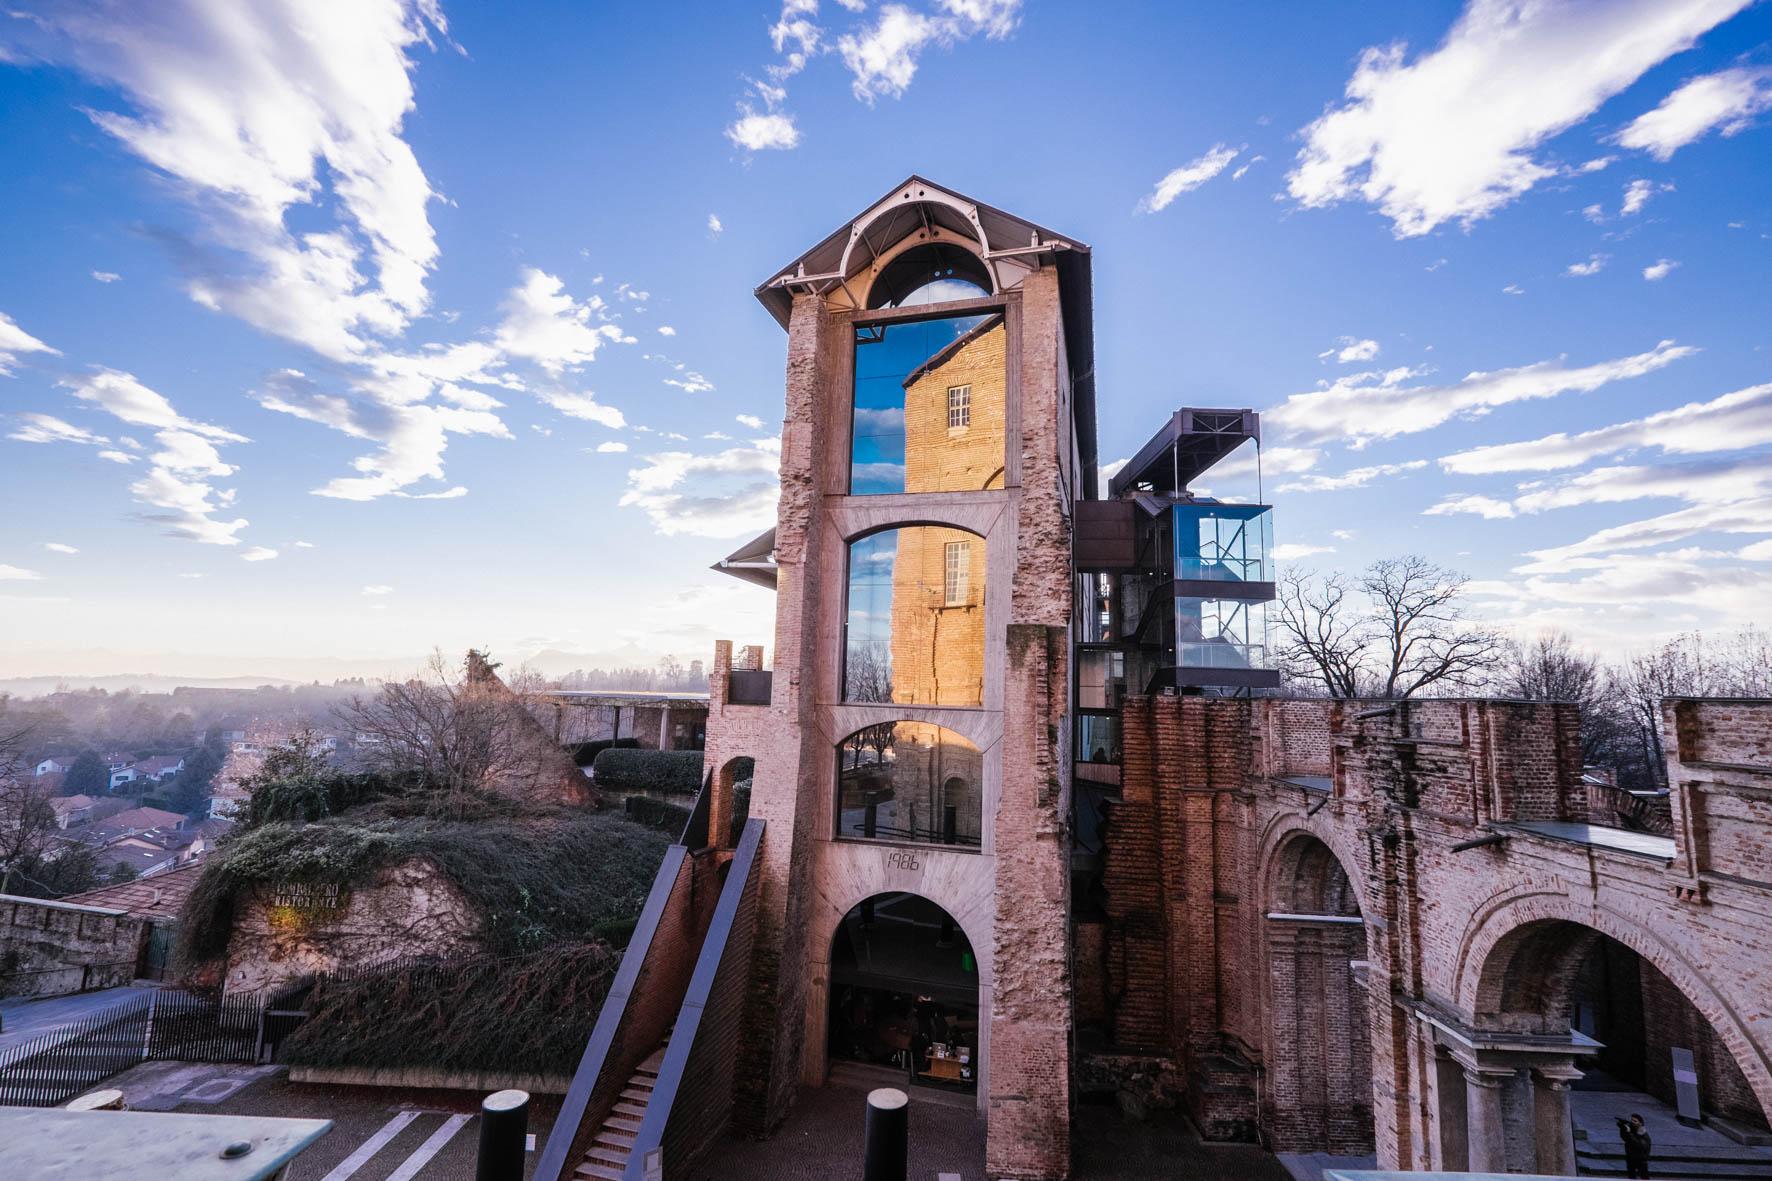 Il Cosmo Digitale del Castello di Rivoli è più di un semplice simulacro del museo non visitabile